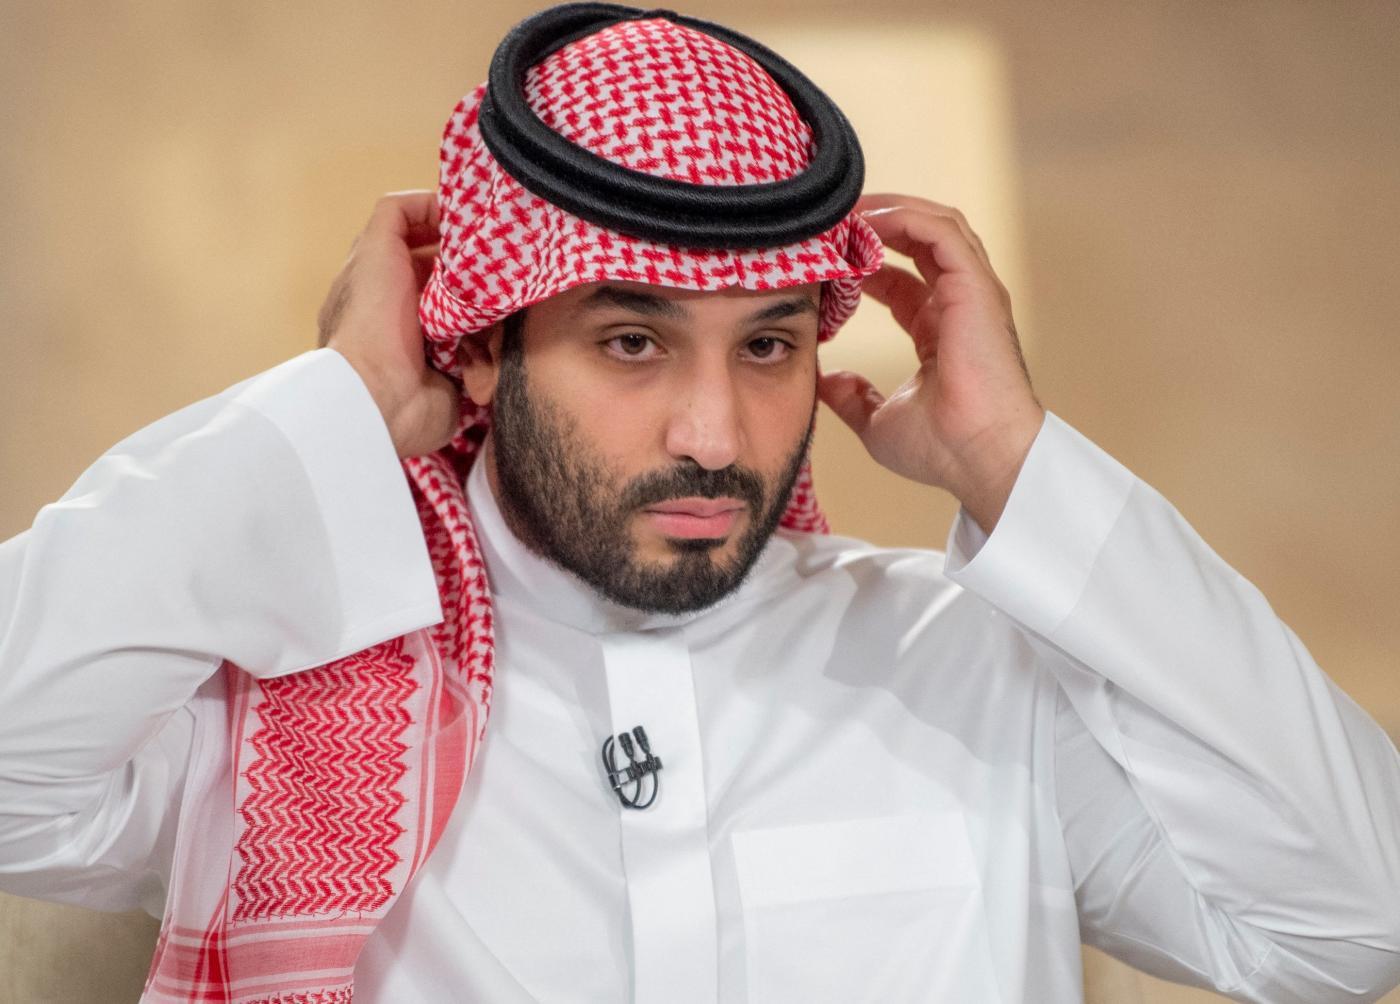 مراسلون بلا حدود تضيف ولي العهد السعودي محمد بن سلمان لقائمة (مفترسو الصحافة)